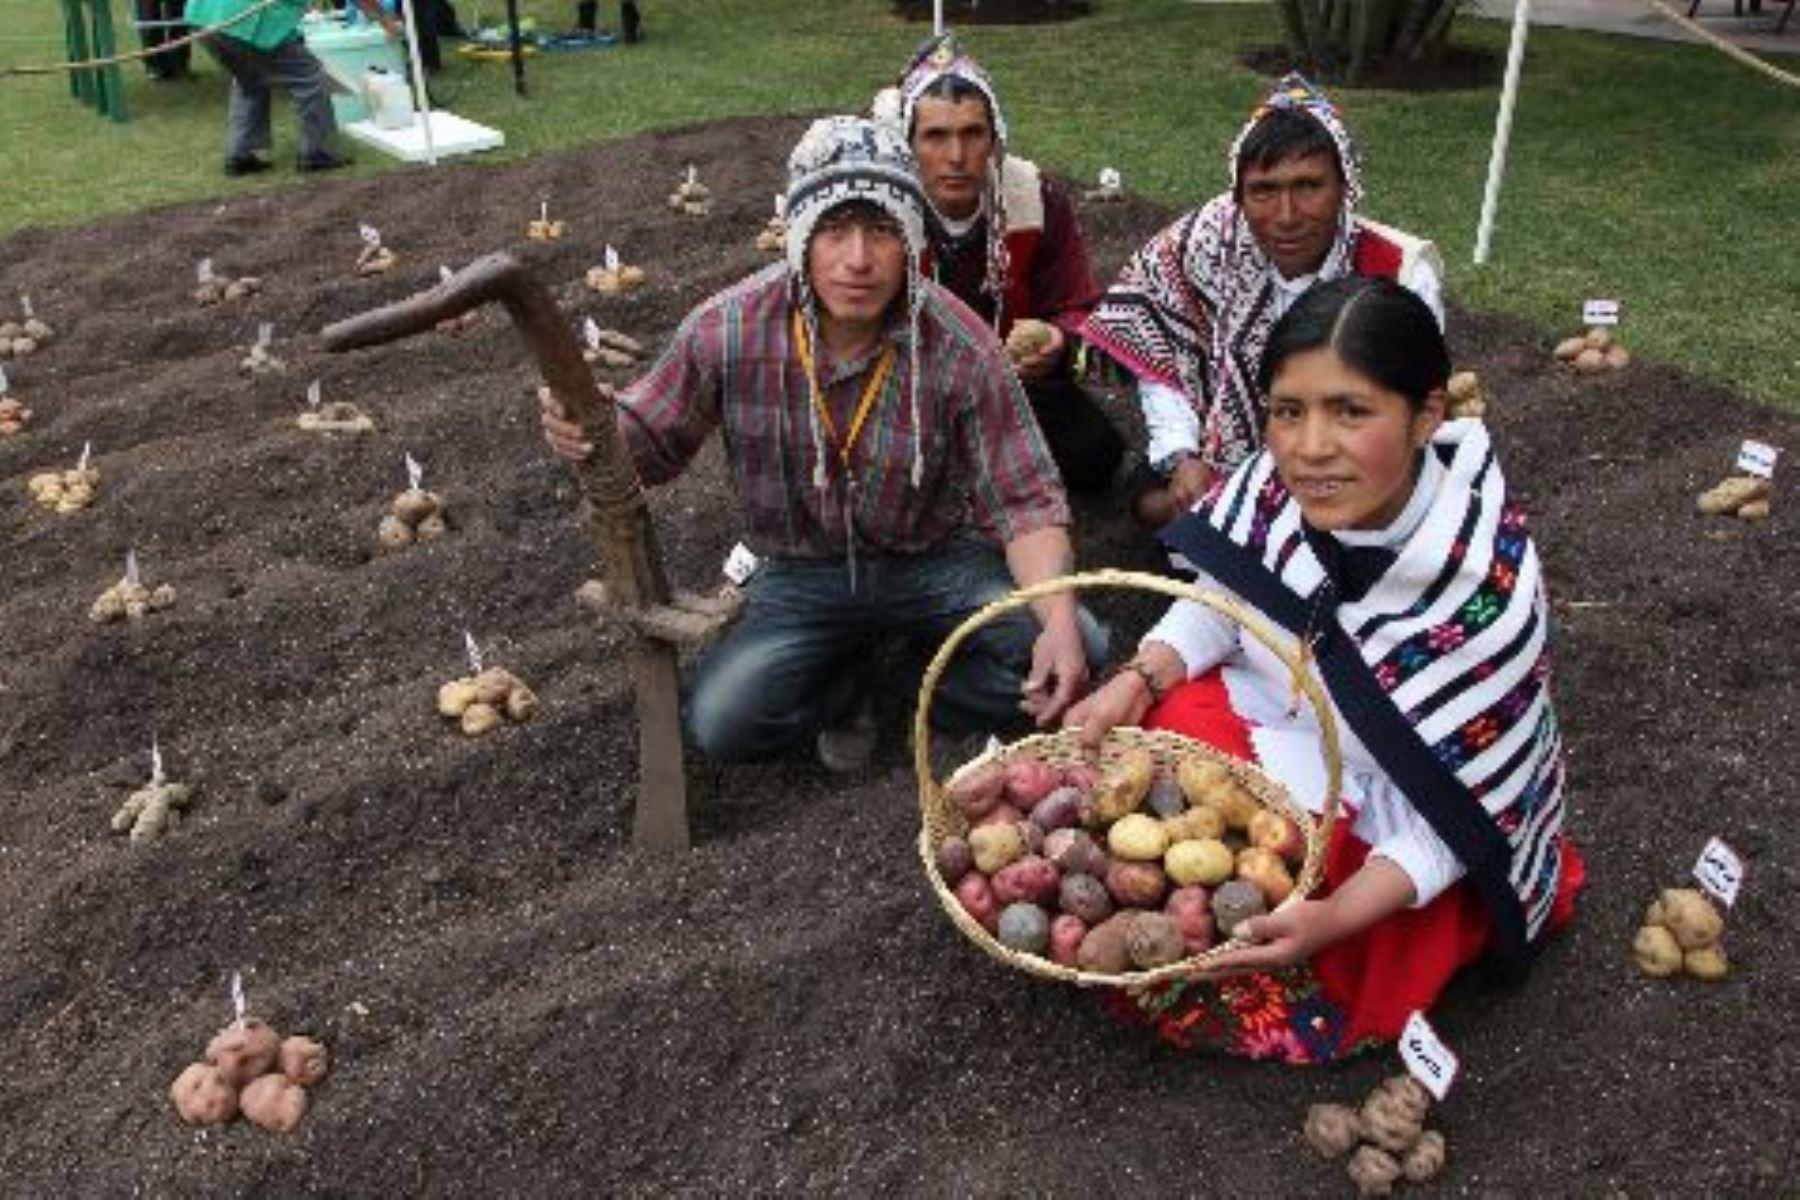 """Gracias a su enorme agrobiodiversidad y la salvaguarda de cultivos con el conocimiento ancestral de las comunidades campesinas, el Perú es uno de los 22 países del planeta que forma parte del programa """"Sistemas Importantes del Patrimonio Agrícola Mundial"""" (SIPAM), de la Organización de las Naciones Unidas para la Alimentación y la Agricultura (FAO). ANDINA/Difusión"""